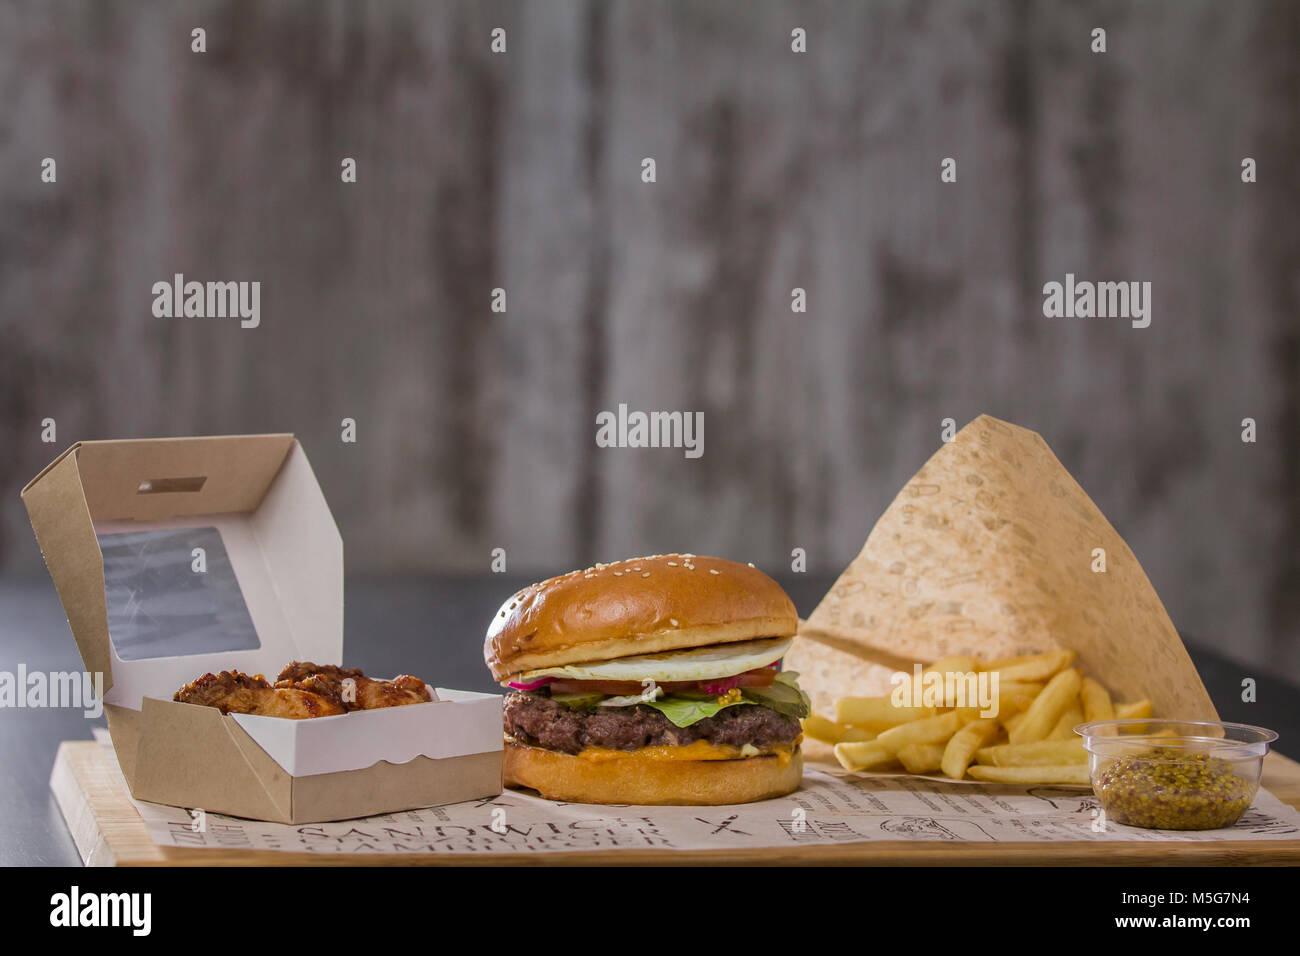 Lecker hamburger Mittagessen mit Kartoffeln und Fried Chicken Stockbild